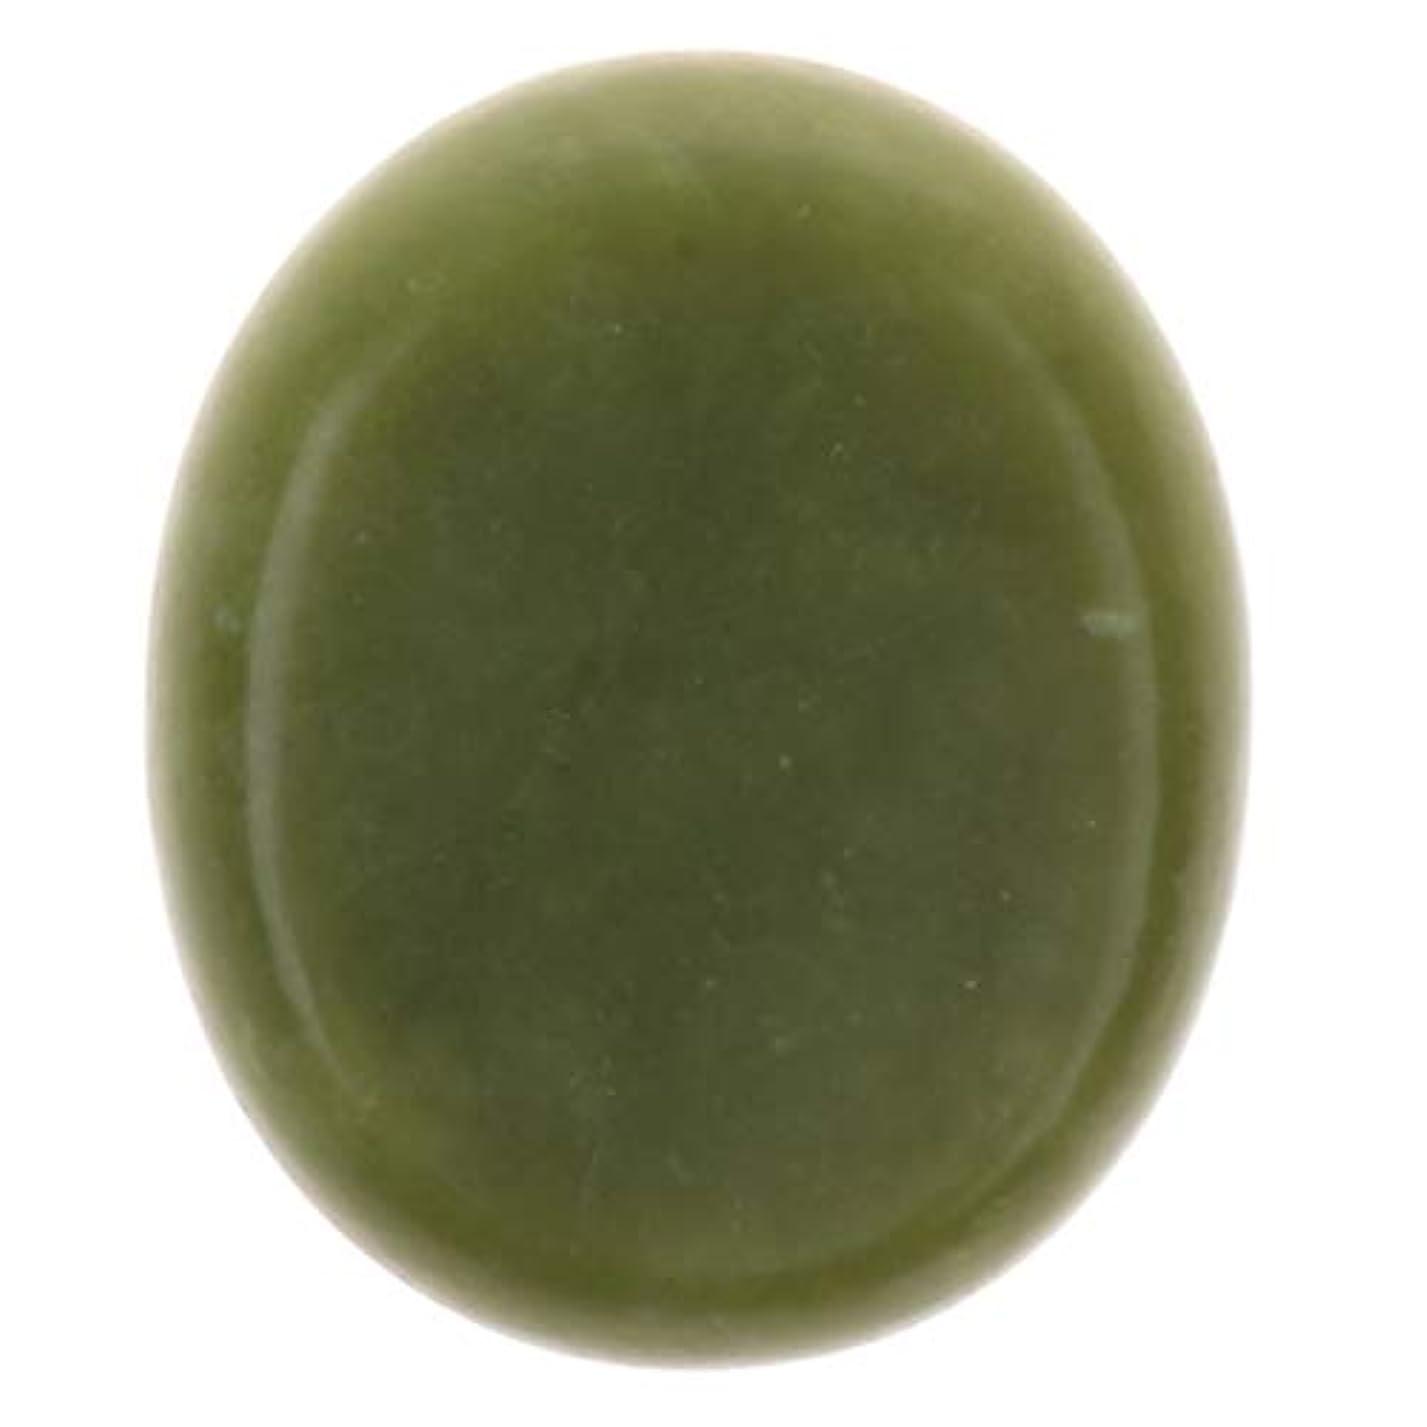 量個人的な卒業天然石ホットストーン マッサージ用火山岩 マッサージストーン ボディマッサージ 実用的 全2サイズ - グリーン+グリーン, 5×6cm